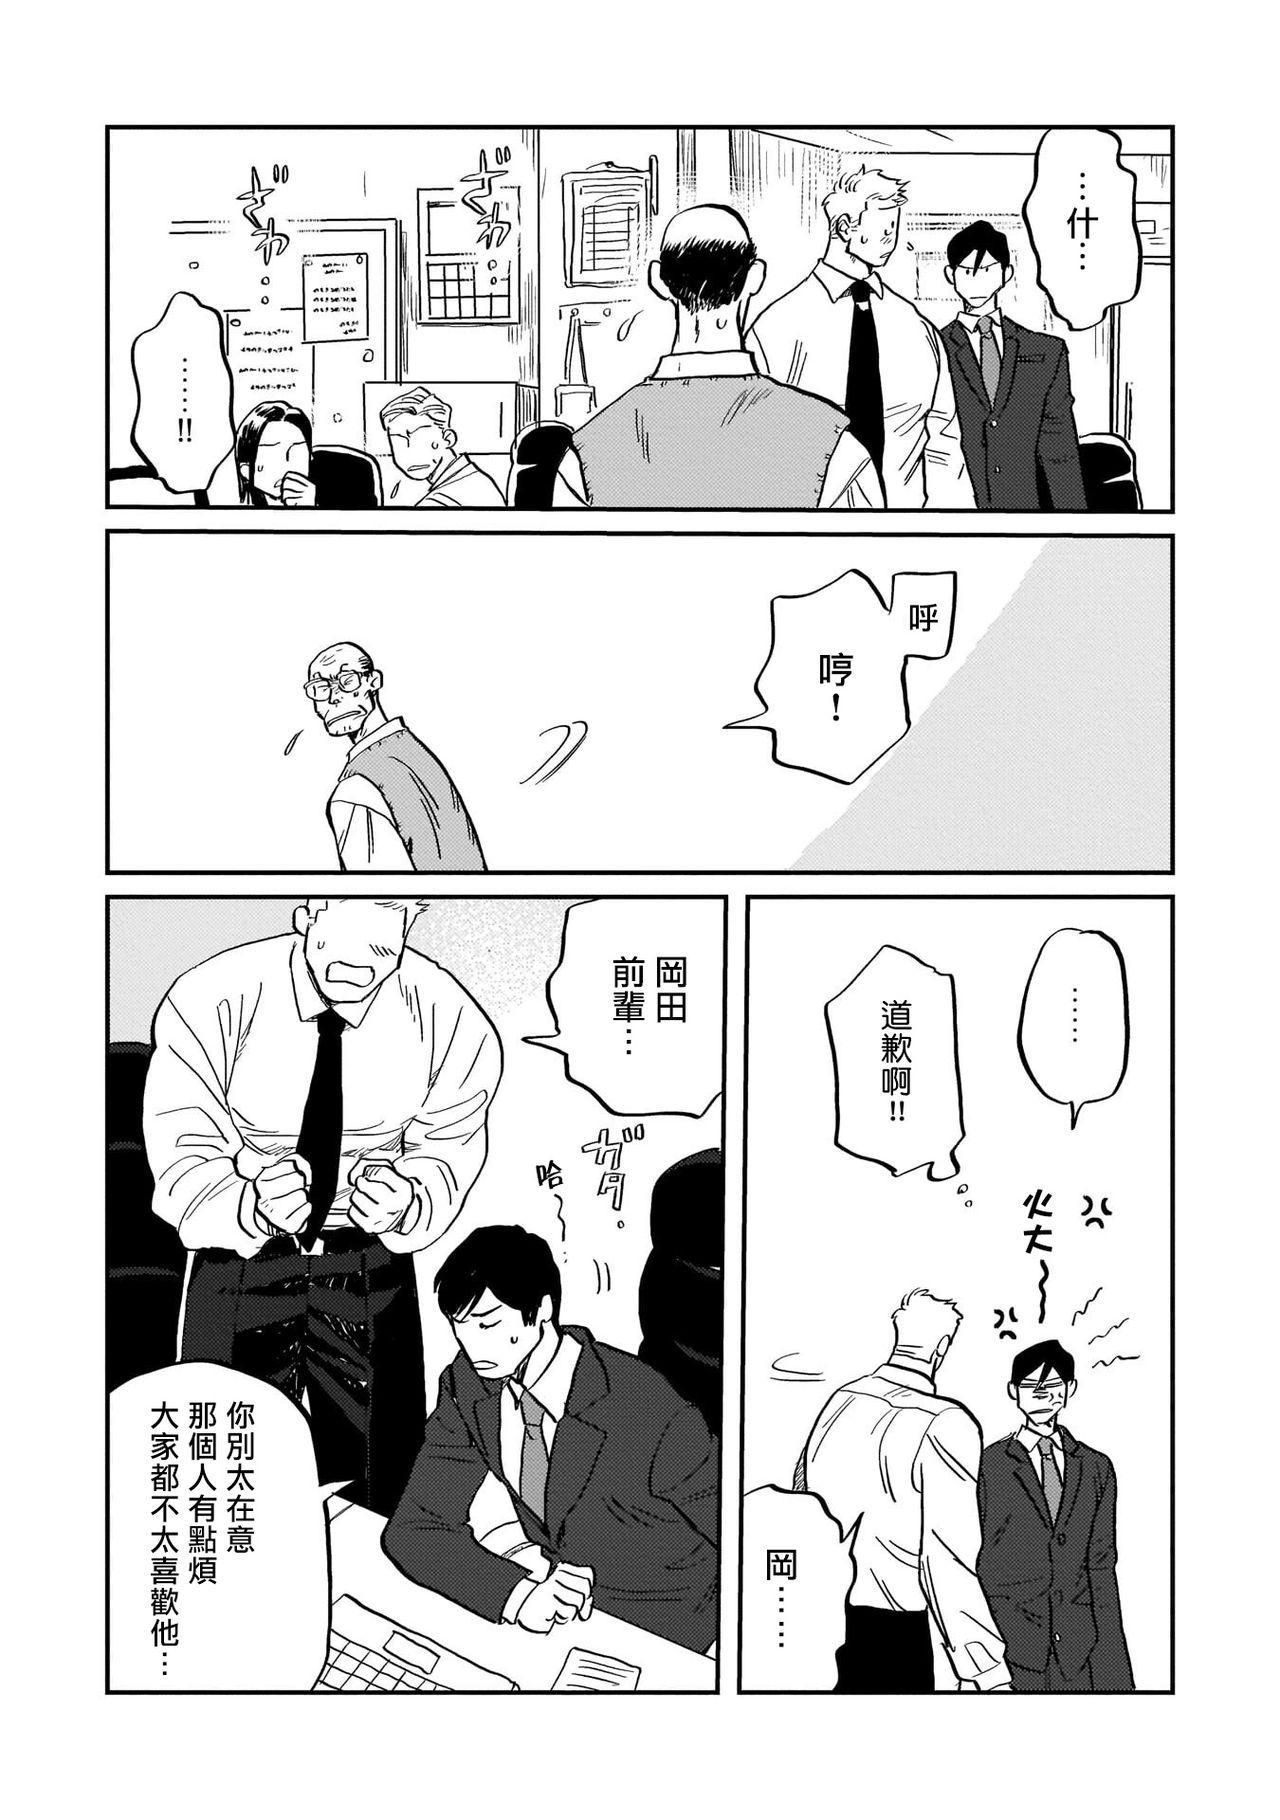 Kouhai no Oppai ga Suki Sugiru | 我太喜欢后辈的奶子了 Ch. 1-2 37